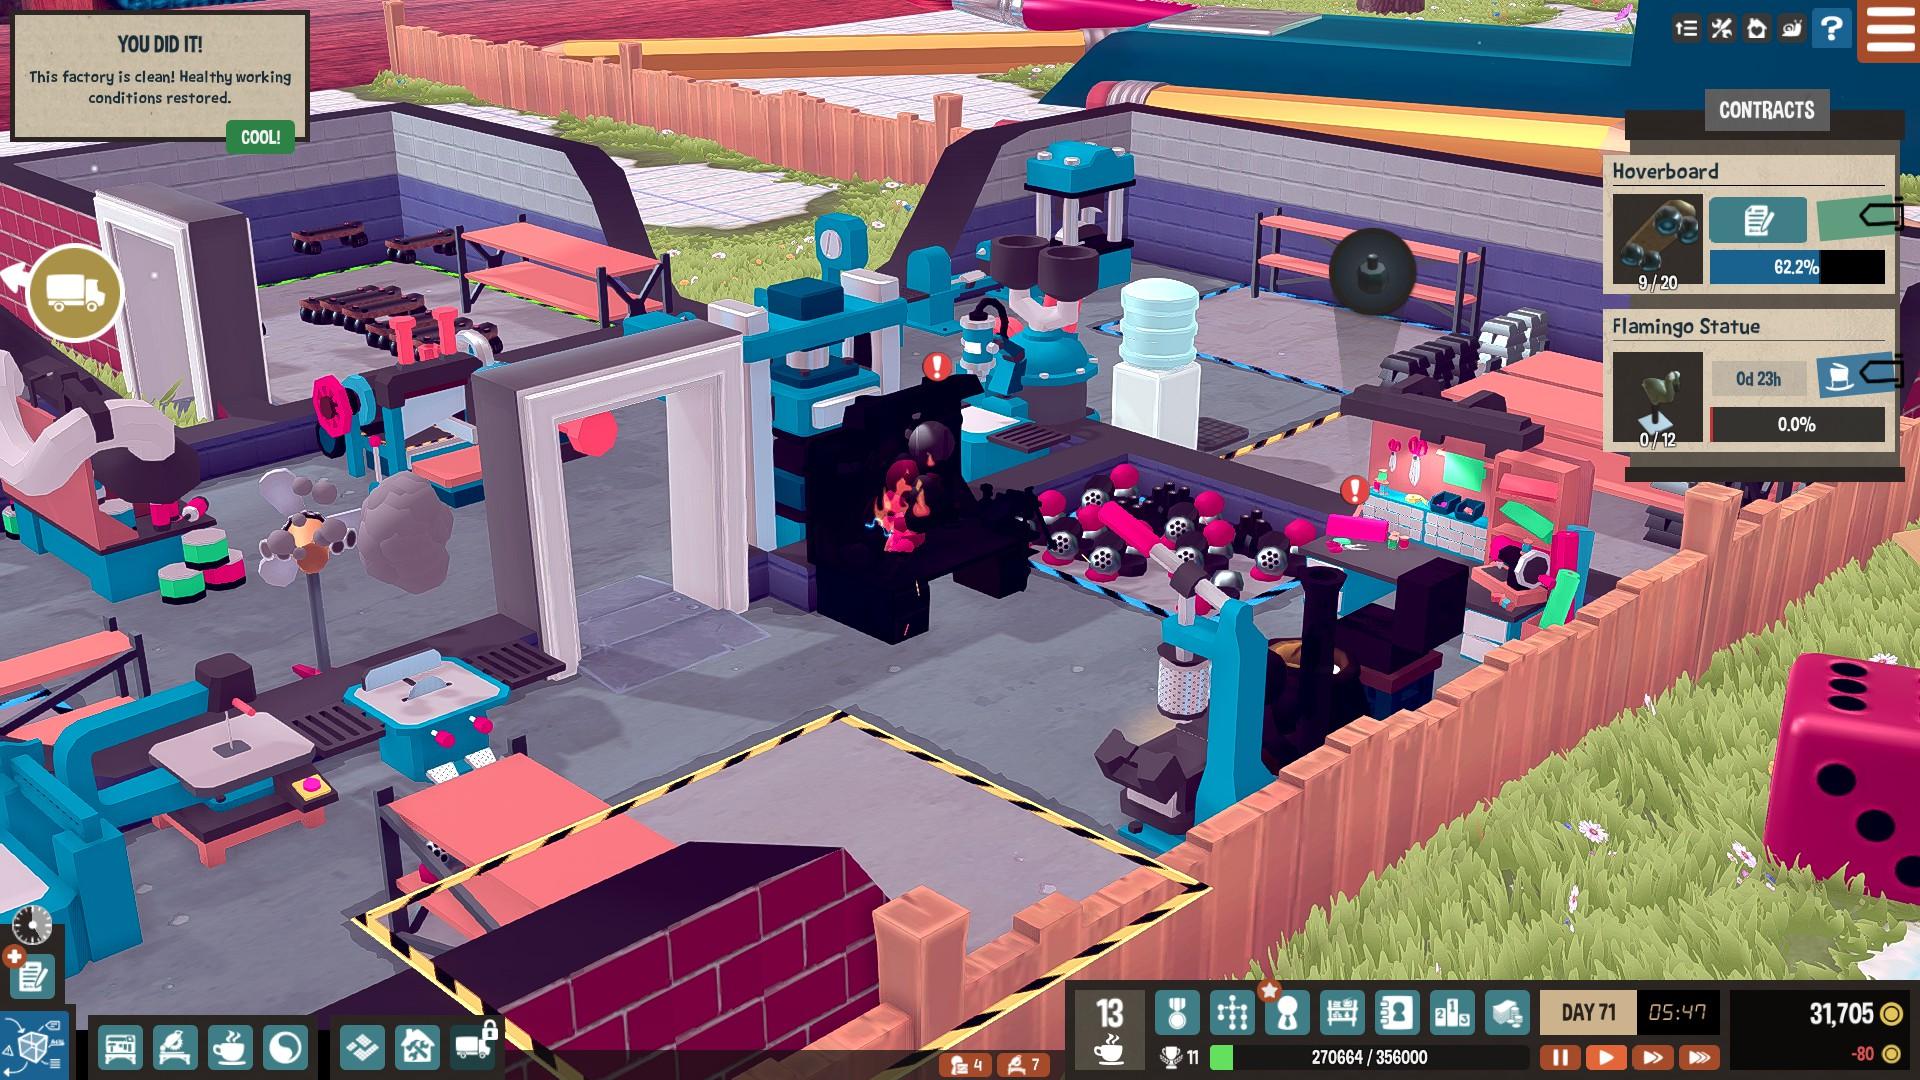 Little Big Workshop Workstation on Fire